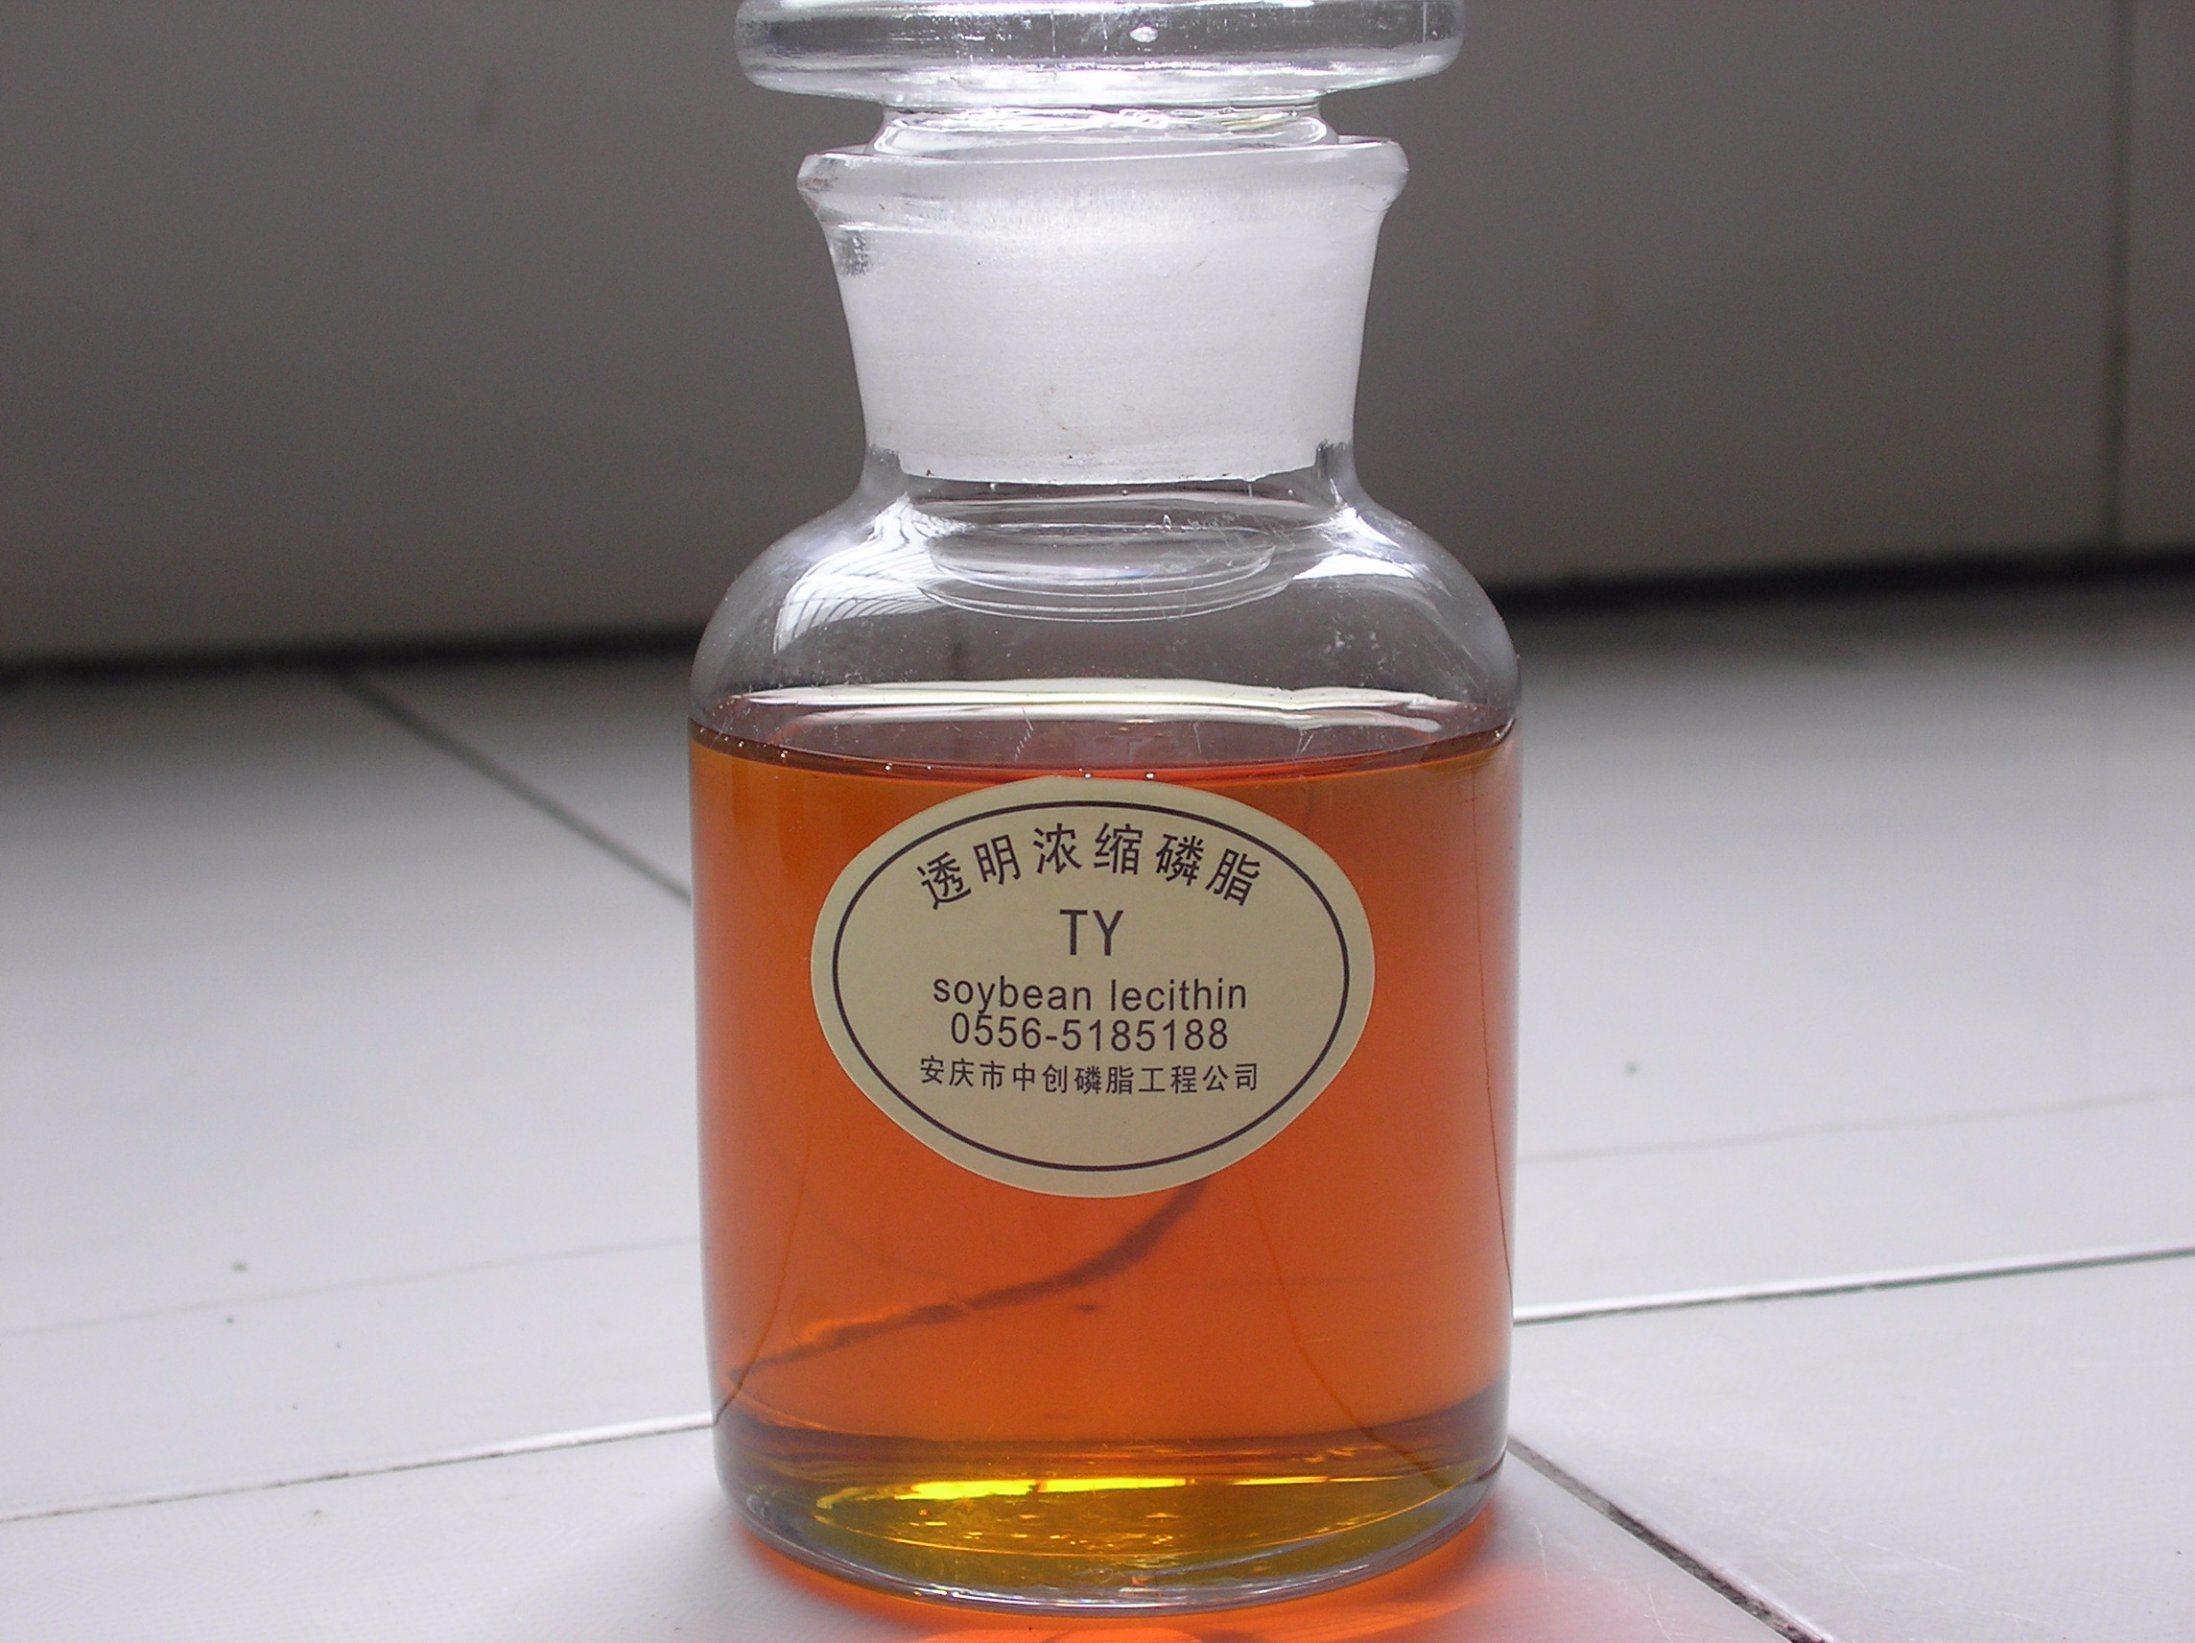 Food Grade Transparent Soy Lecithin Liquid